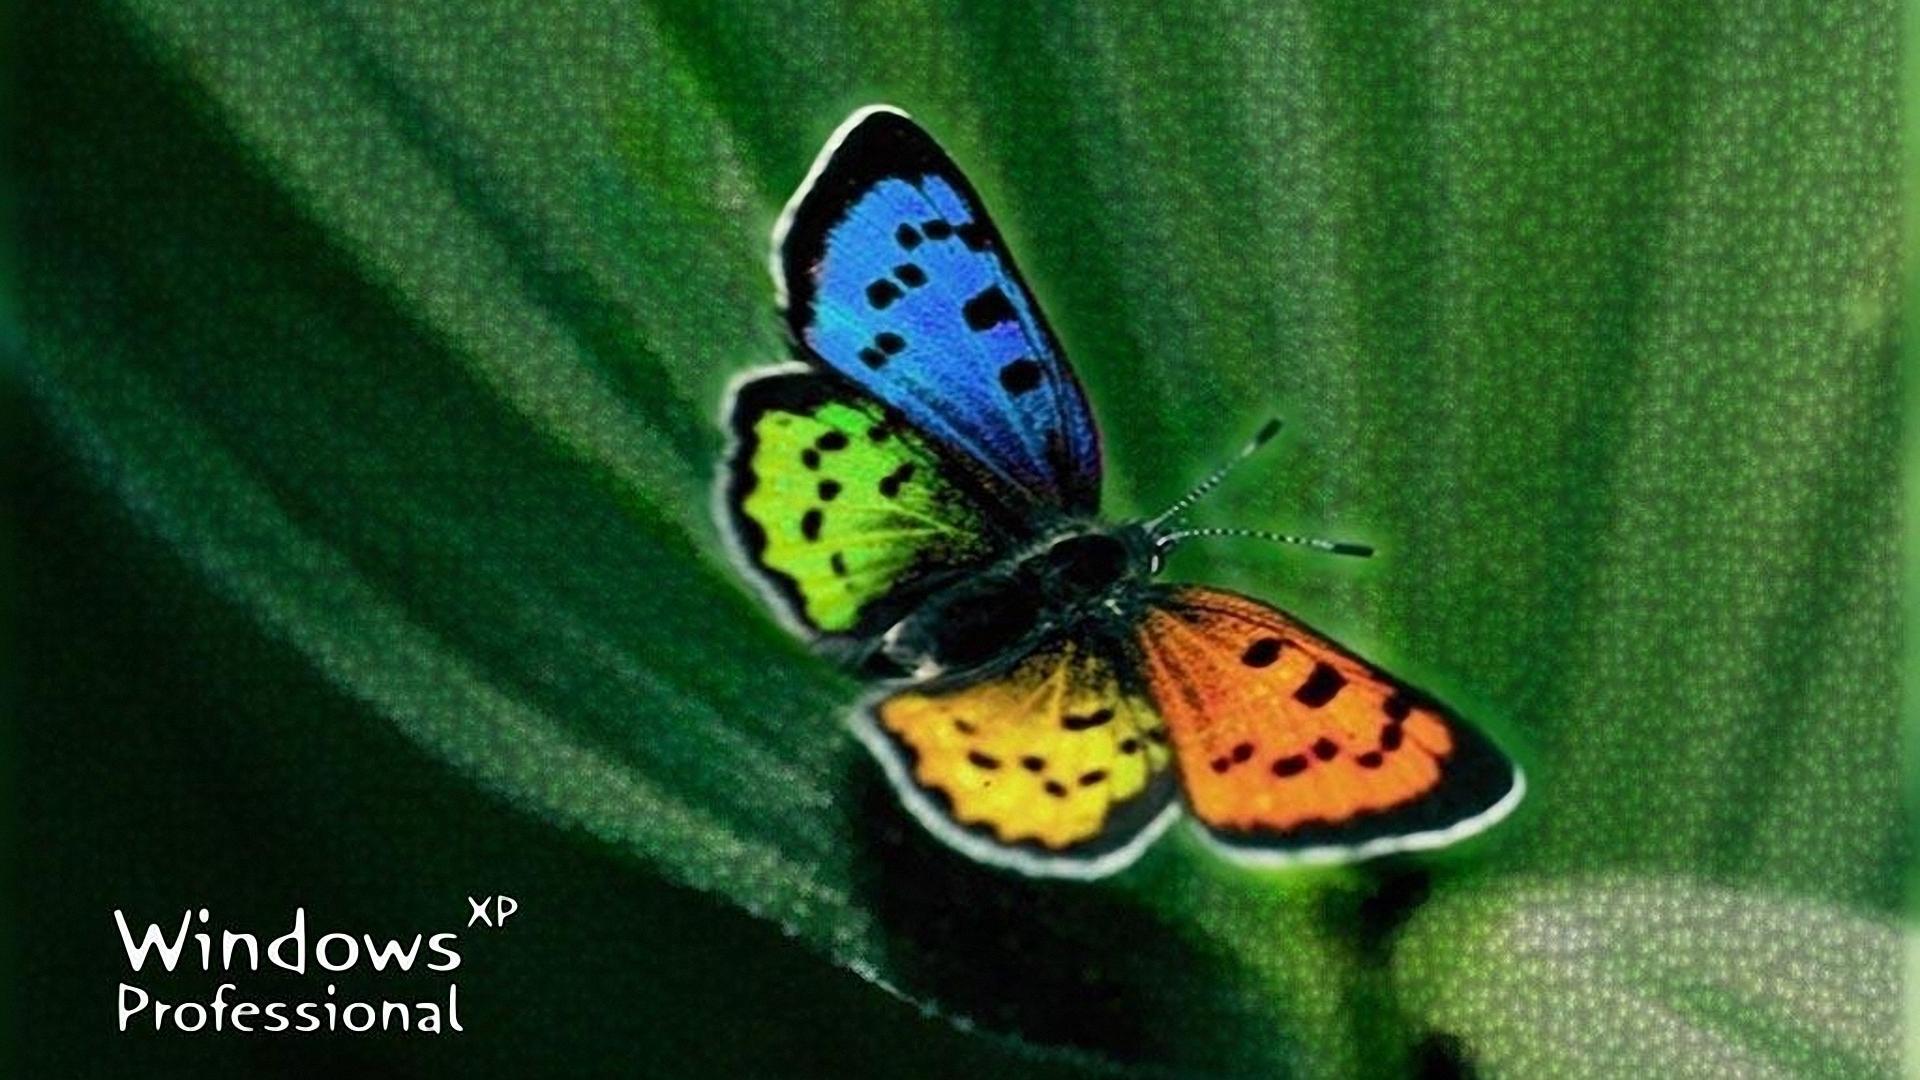 Windows XP butterfly, скачать фото, обои для рабочего стола, бабочка